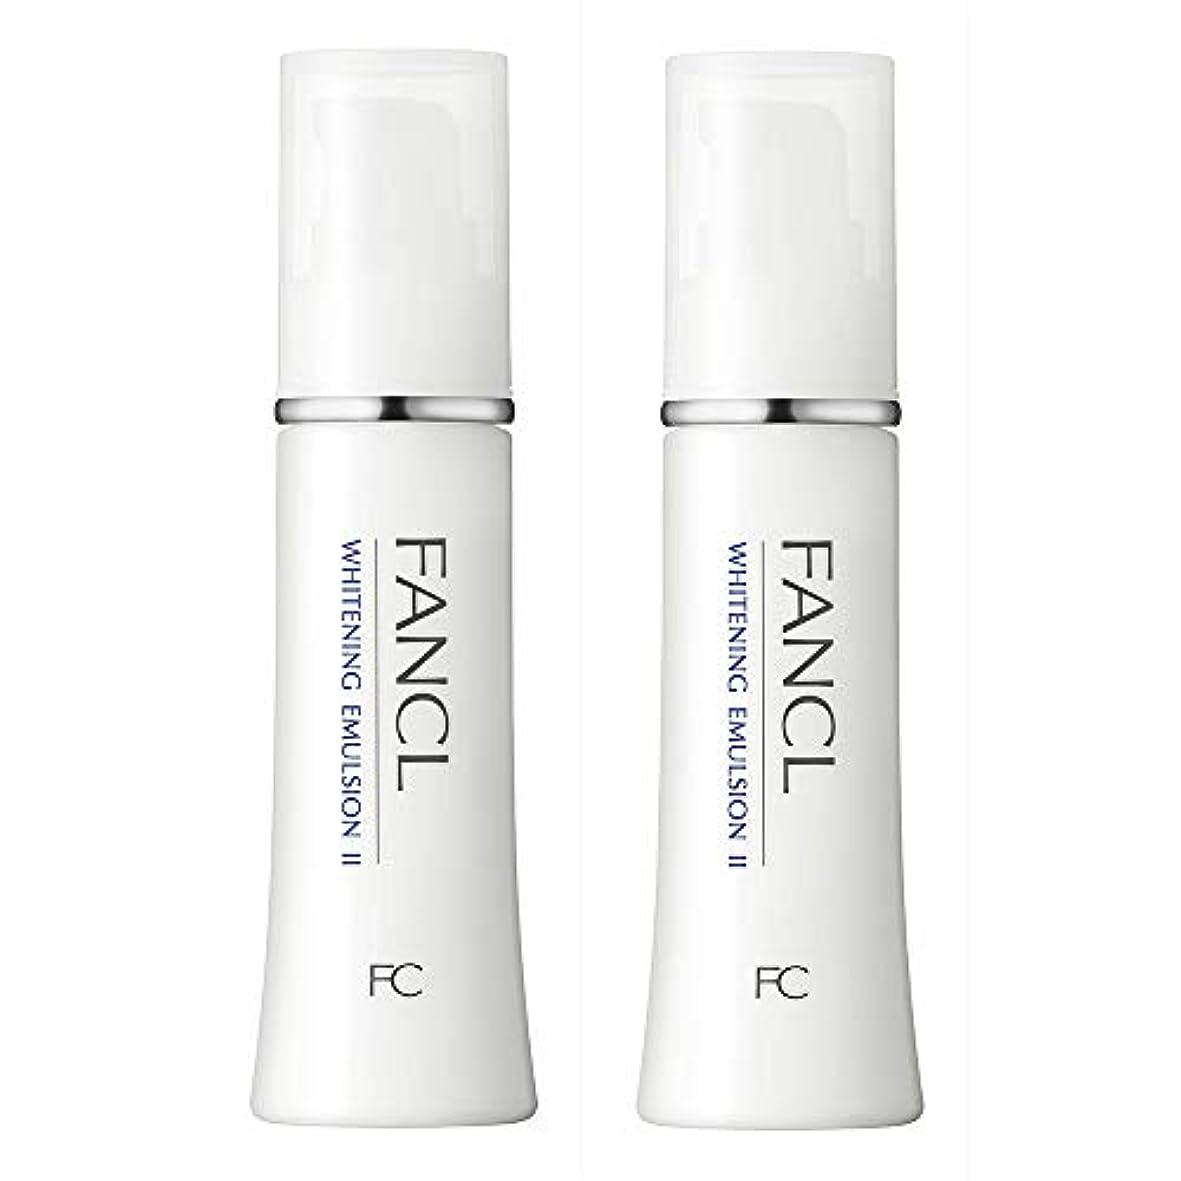 気になるスタウト快いファンケル(FANCL) 新 ホワイトニング 乳液 II しっとり 2本<医薬部外品>